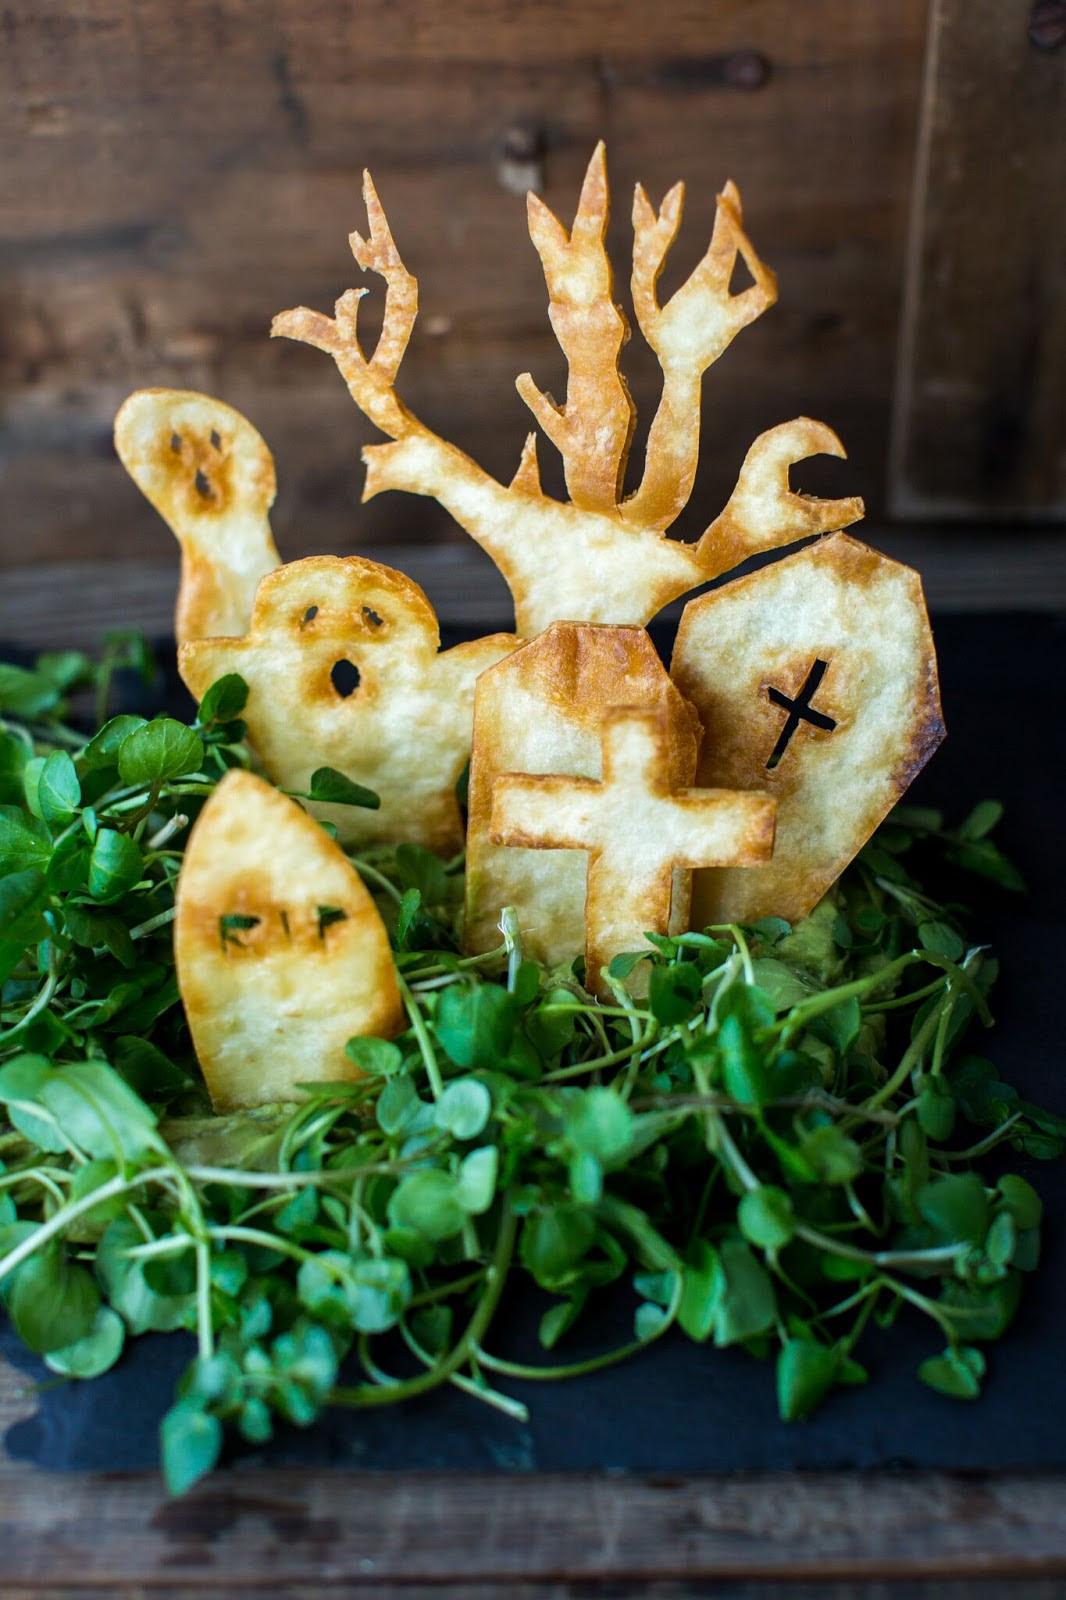 Spooky Tortilla Graveyard w/ Guacamole | Claire Justine